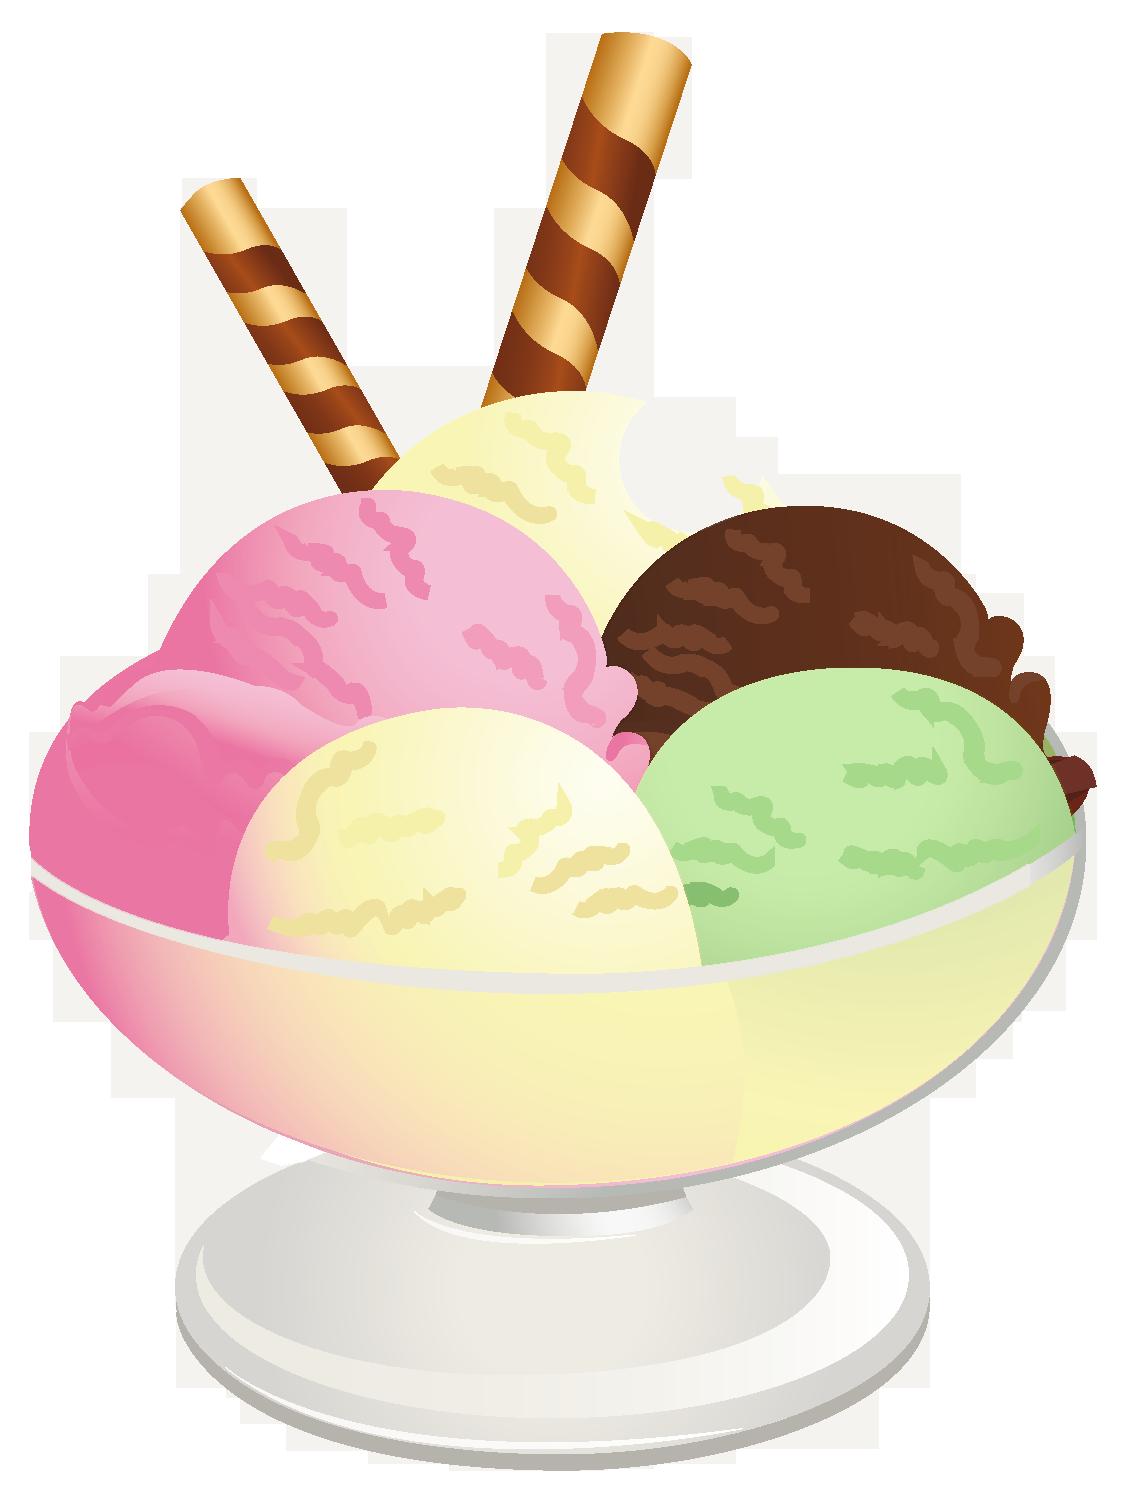 1123x1504 clipart ice cream sundae ice cream sundae clip art images